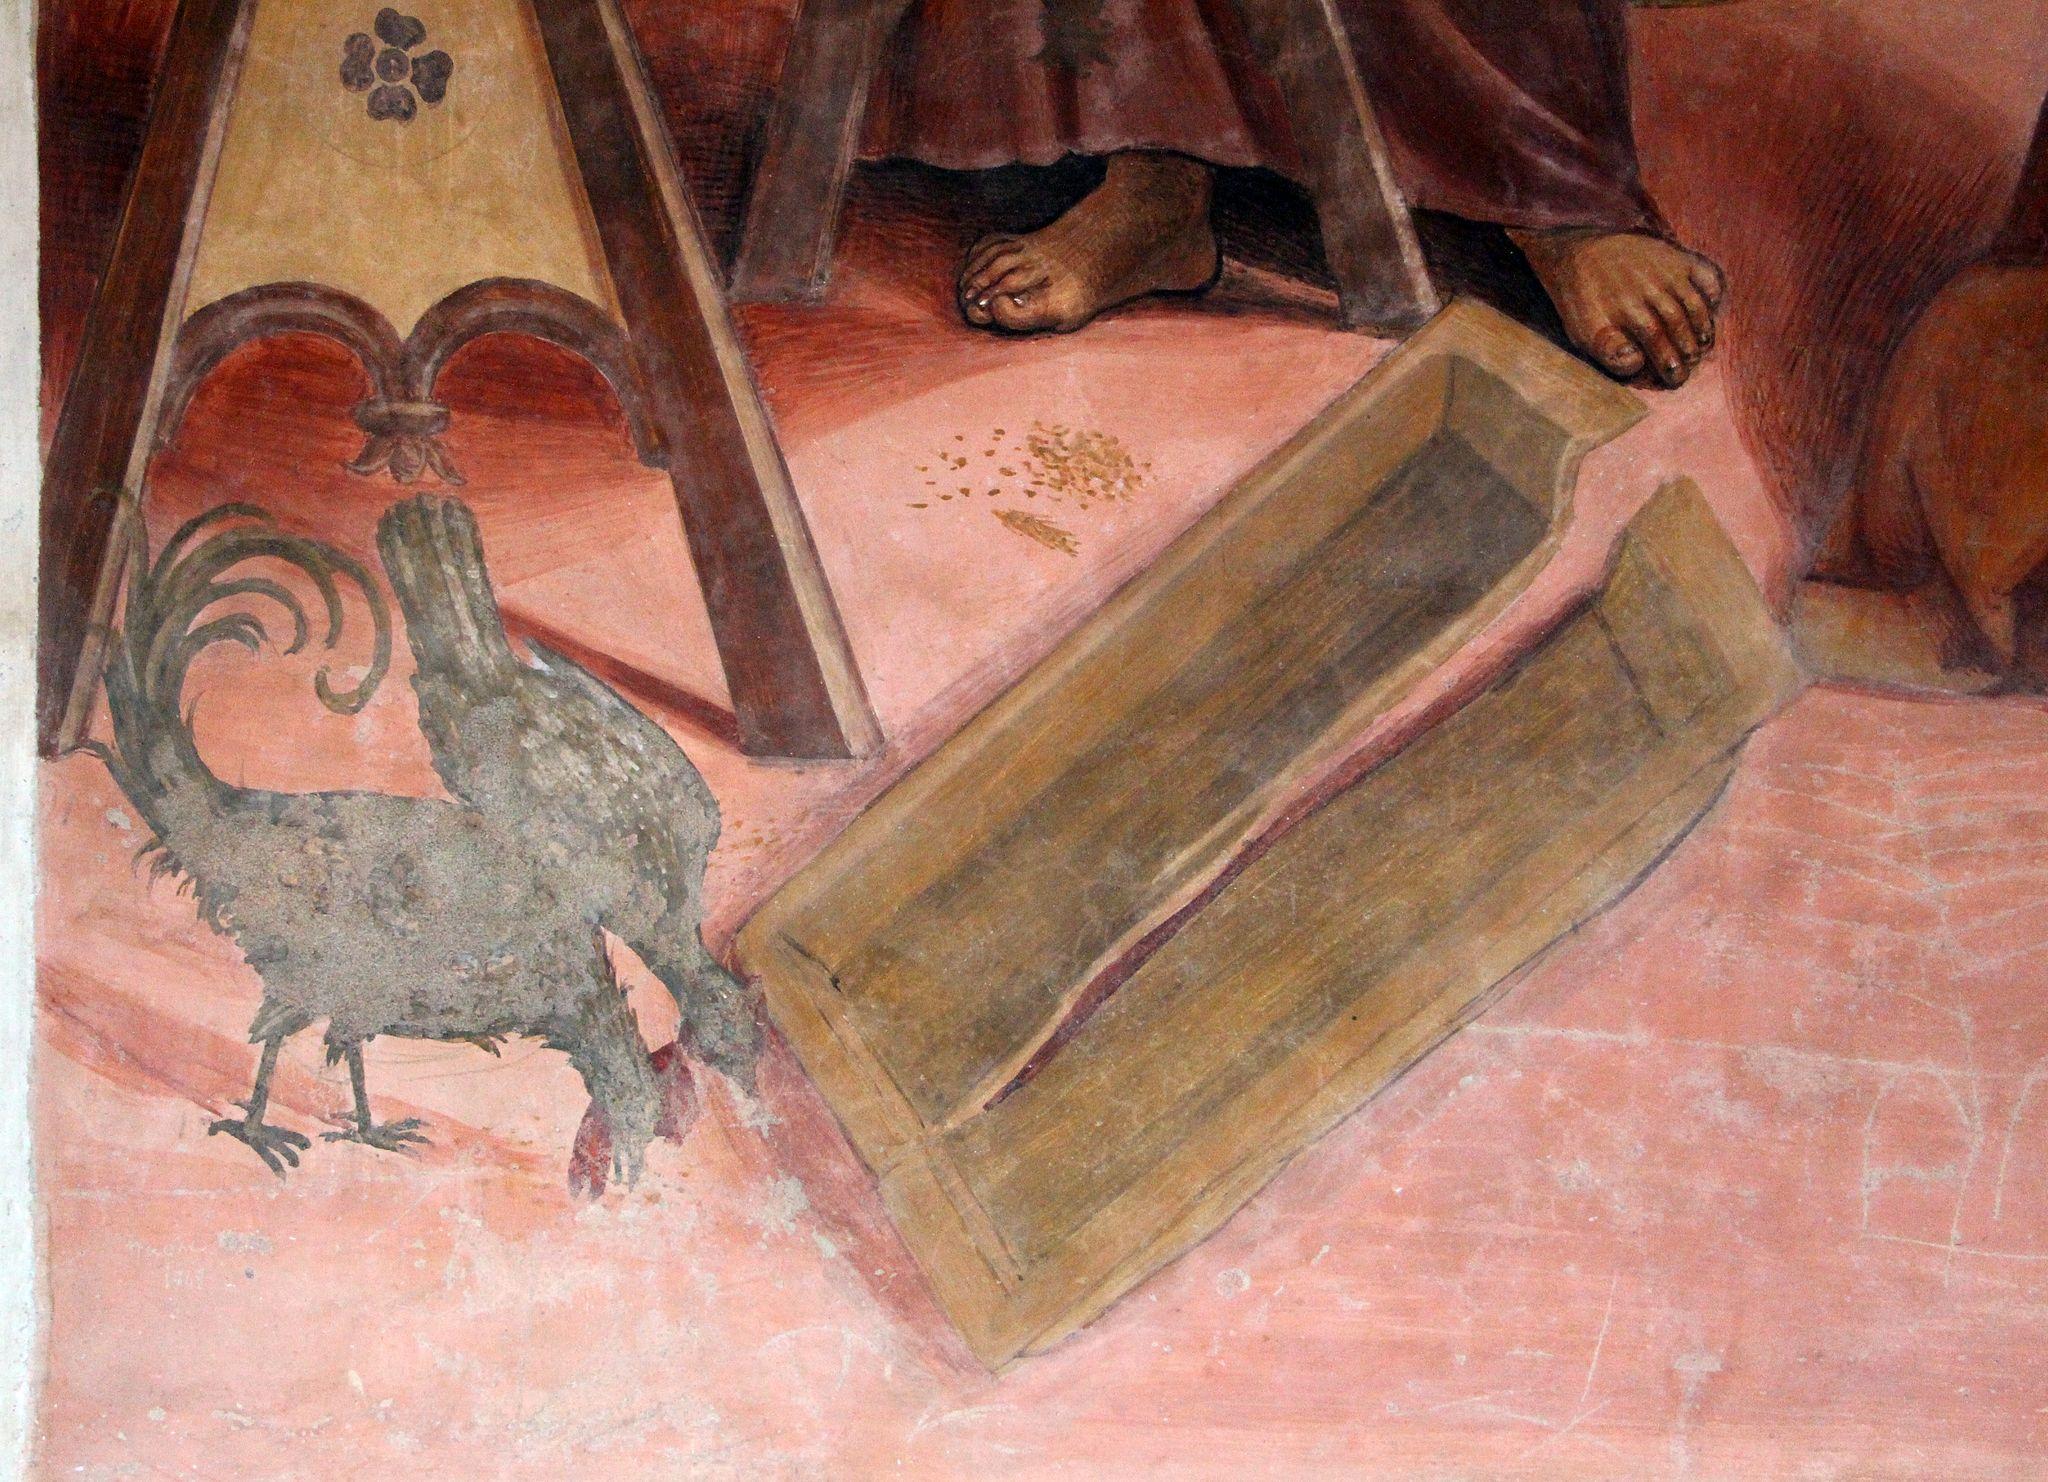 Storie di s. benedetto, 03 sodoma - Come Benedetto risalda lo capistero che si era rotto 03